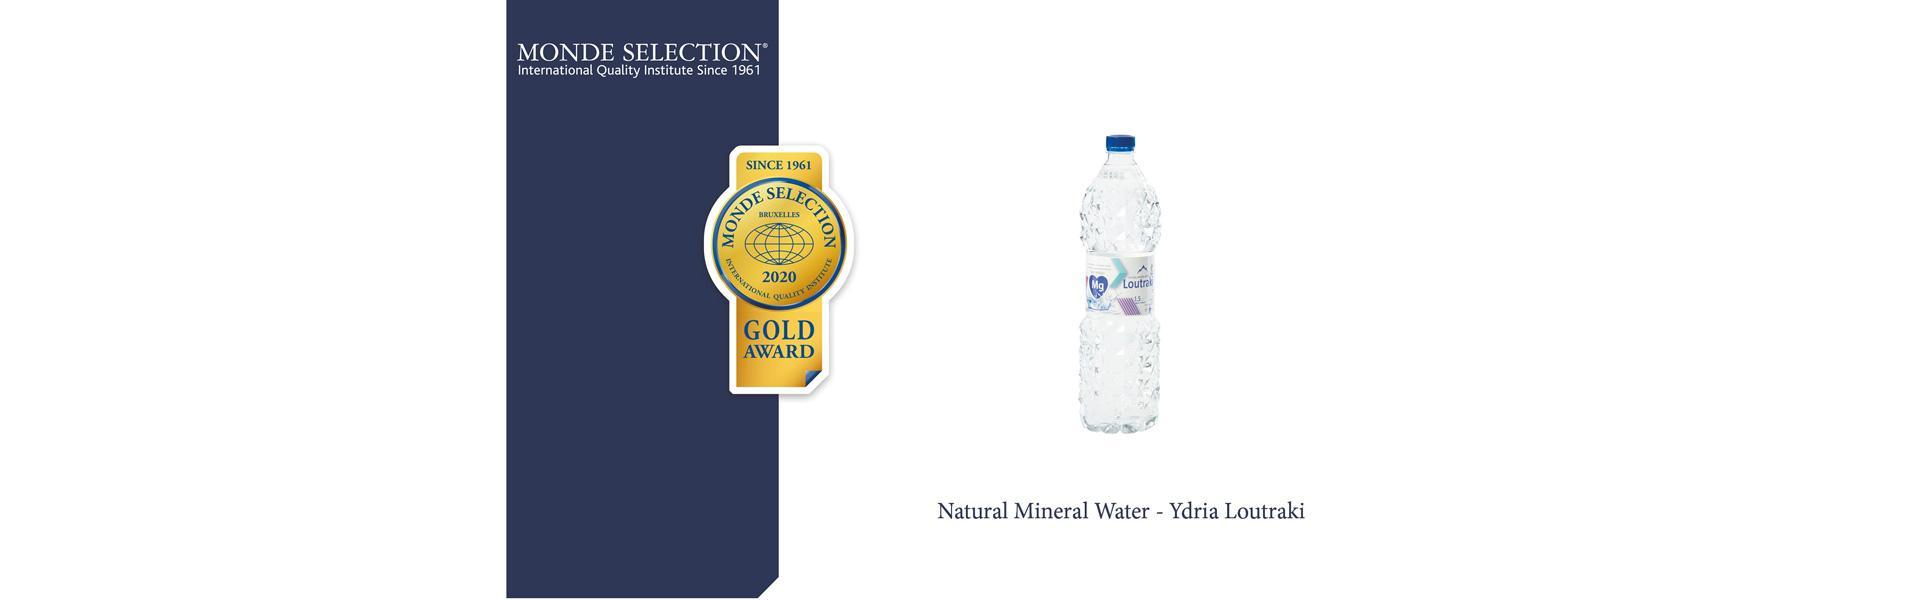 Φυσικό Μεταλλικό Νερό Υδρία